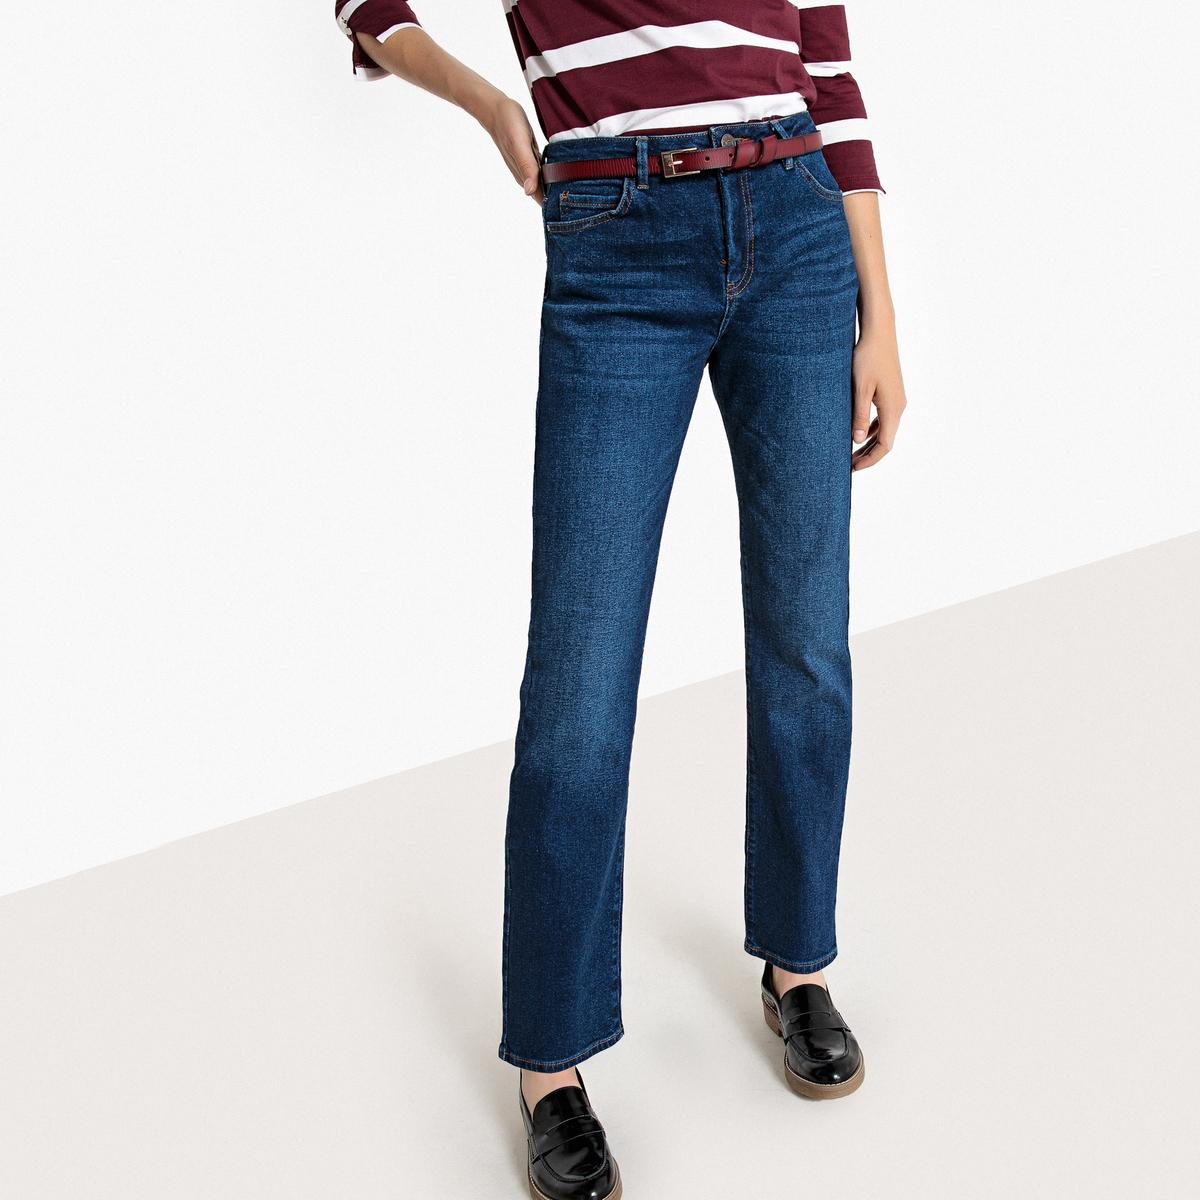 Джинсы прямые с 5 карманами, L32 джинсы flare l32